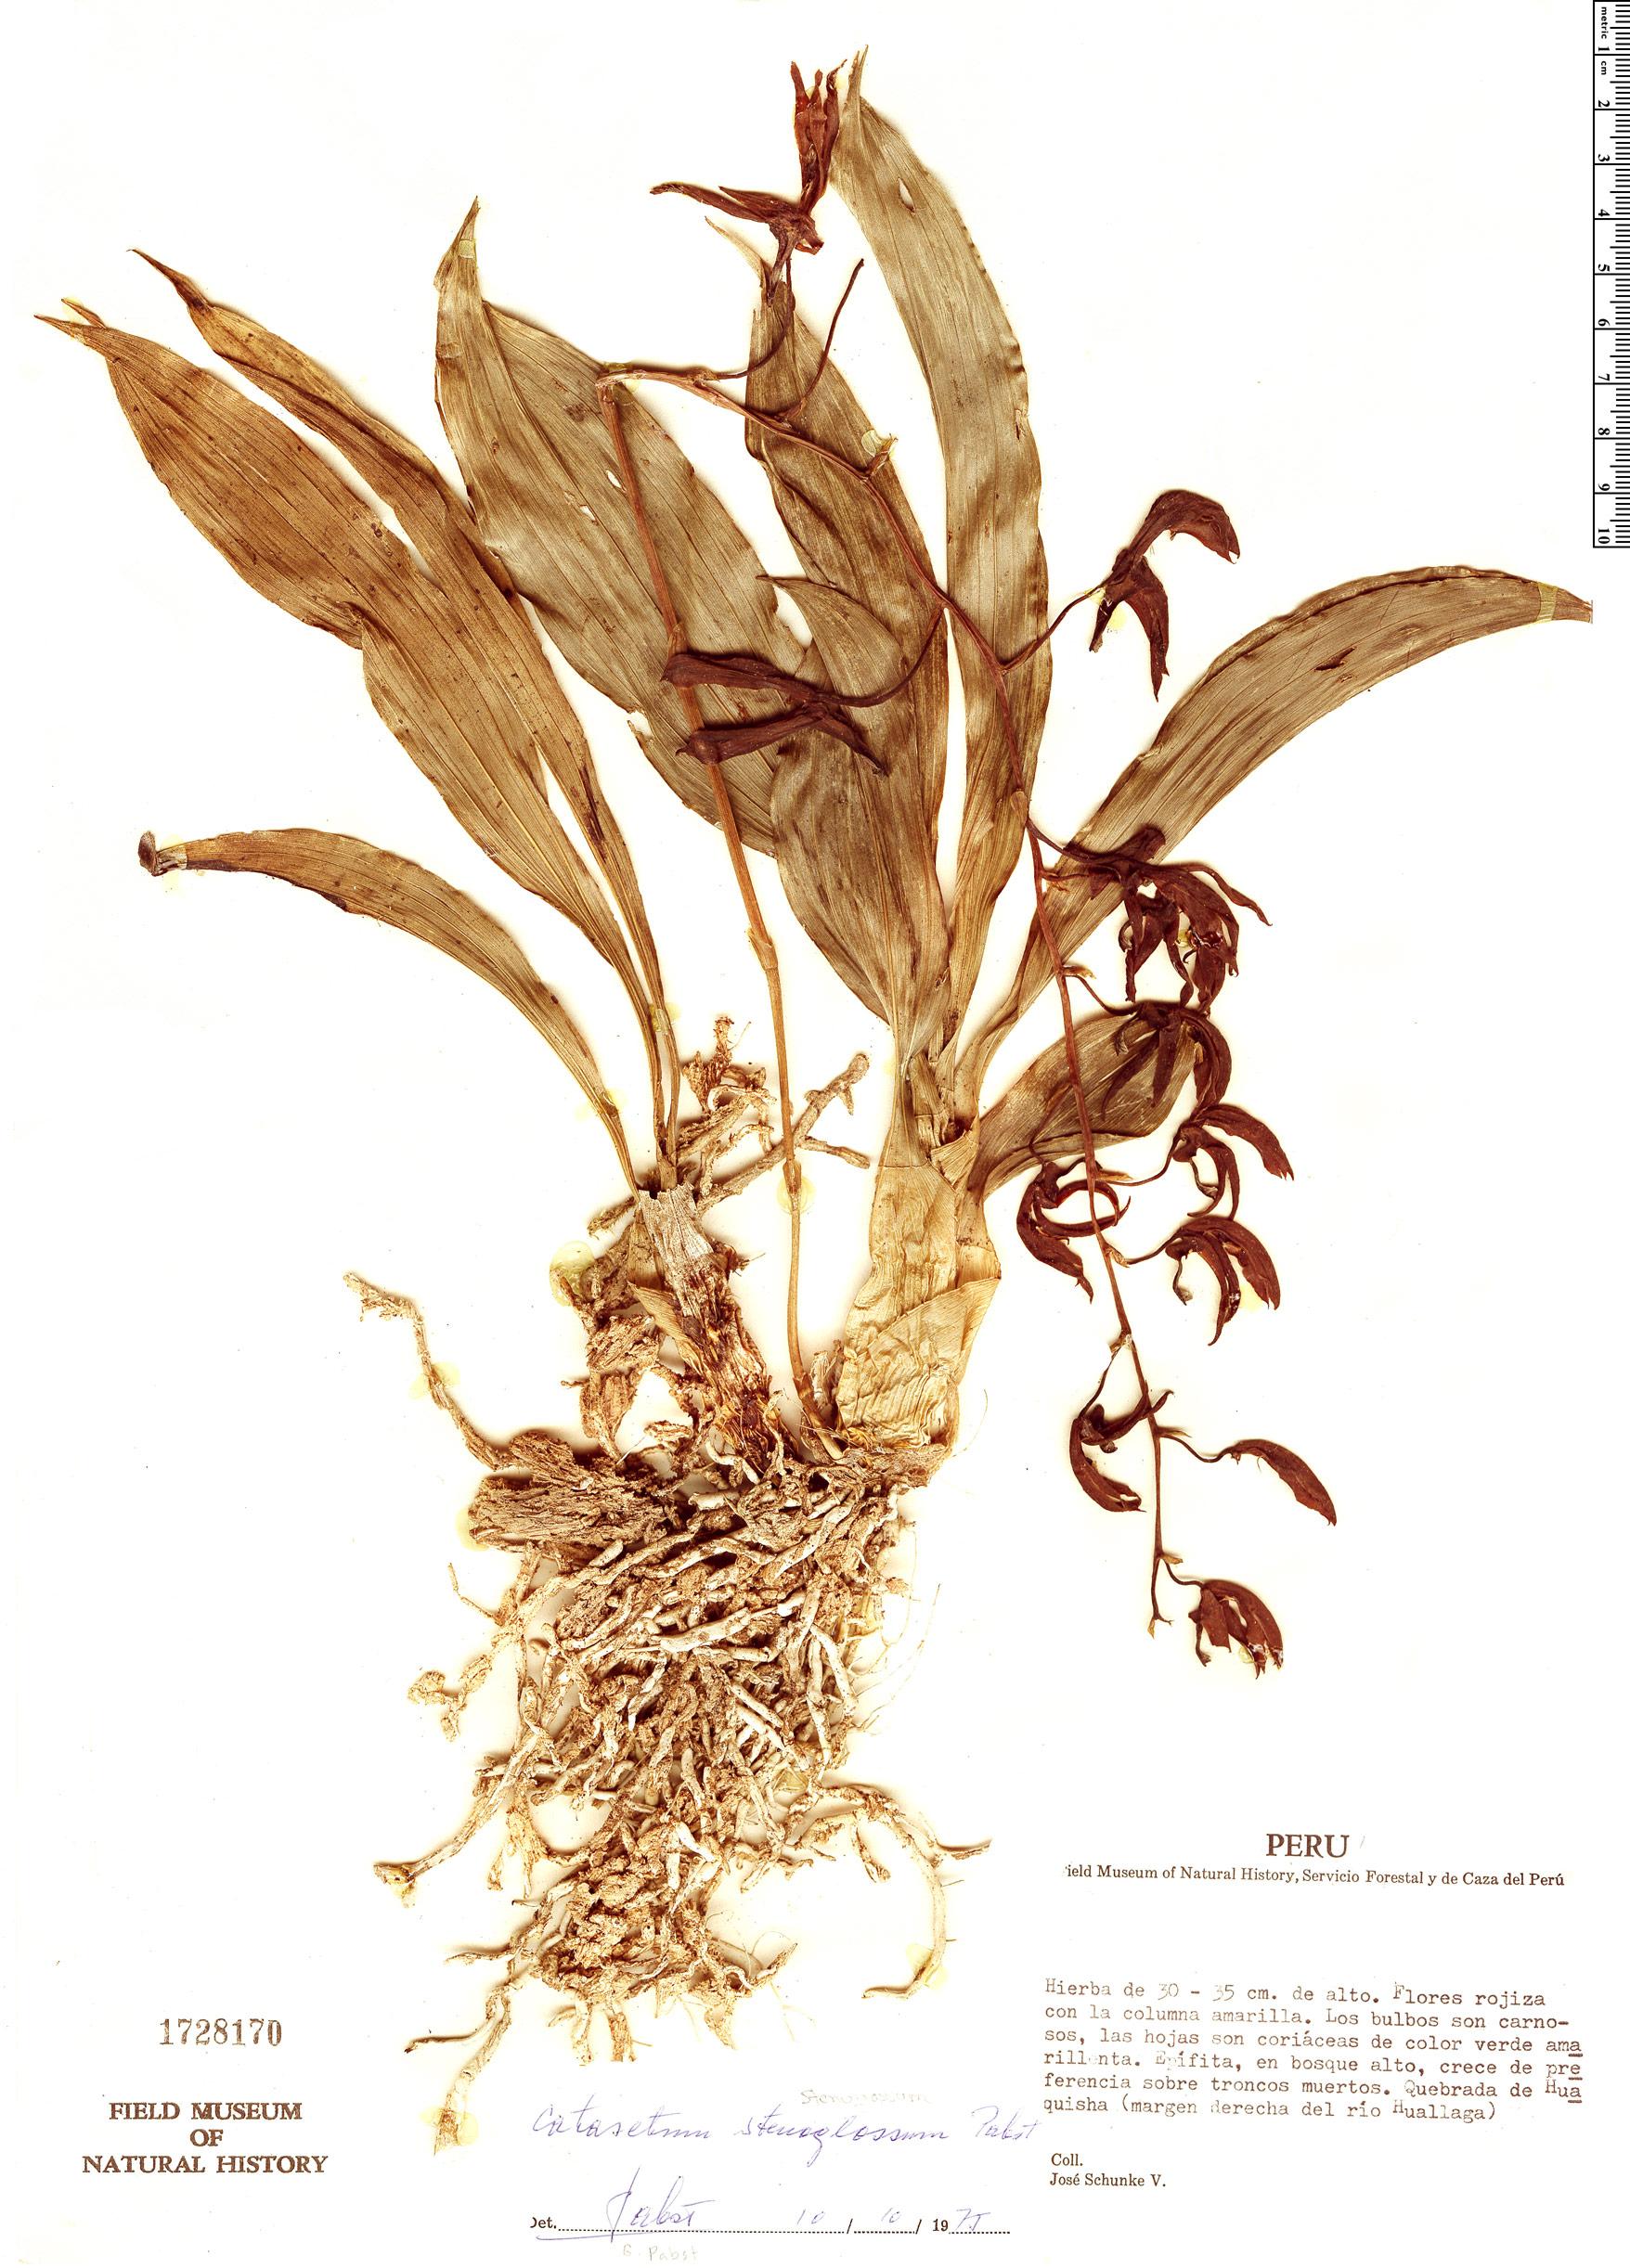 Specimen: Catasetum stenoglossum